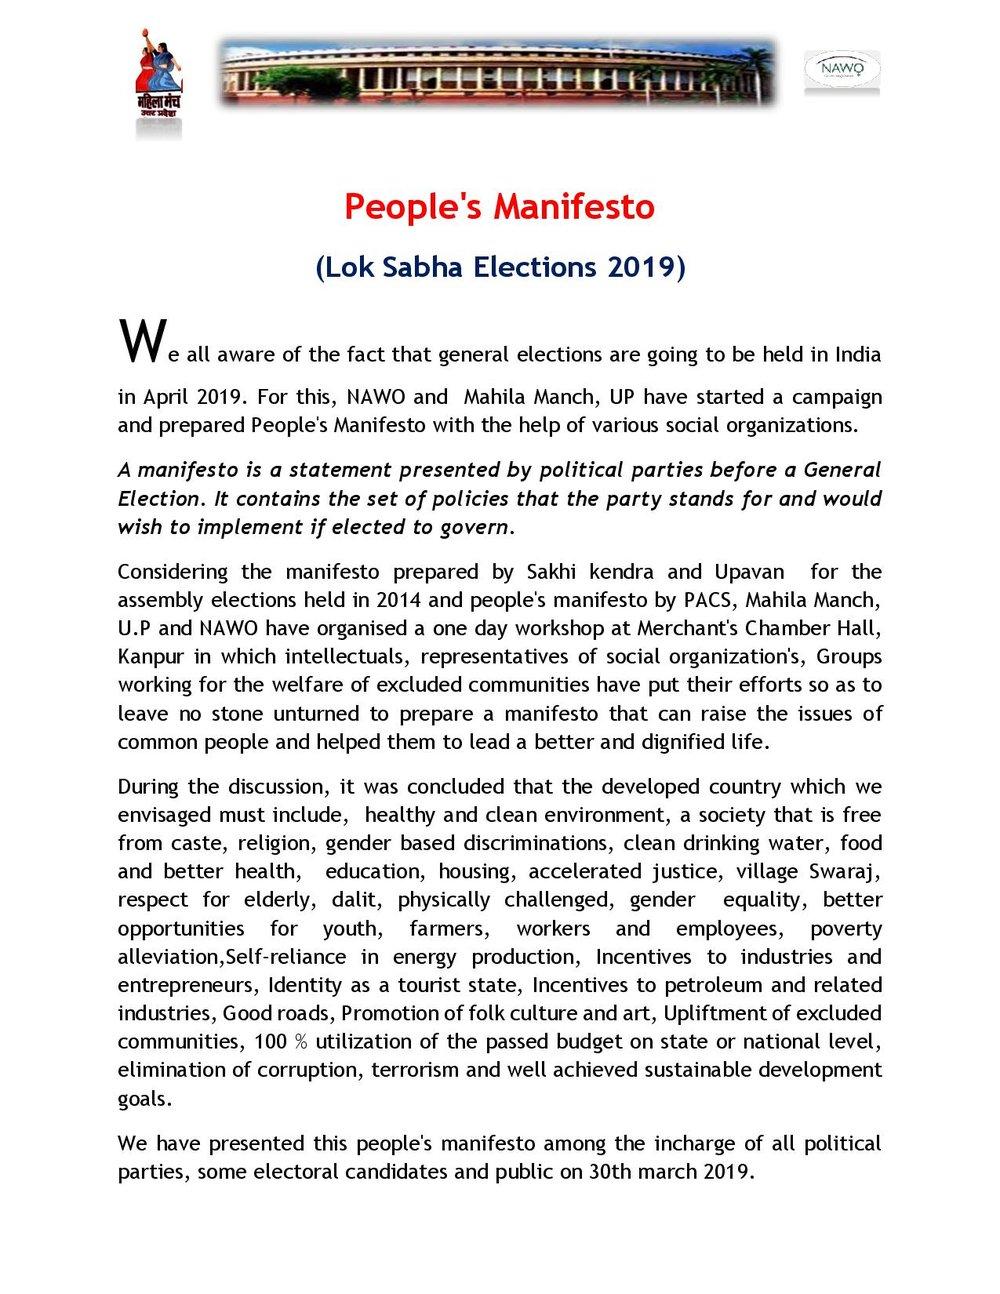 People Manifesto 2019 Mahila manch & NAWO) english-page-001.jpg